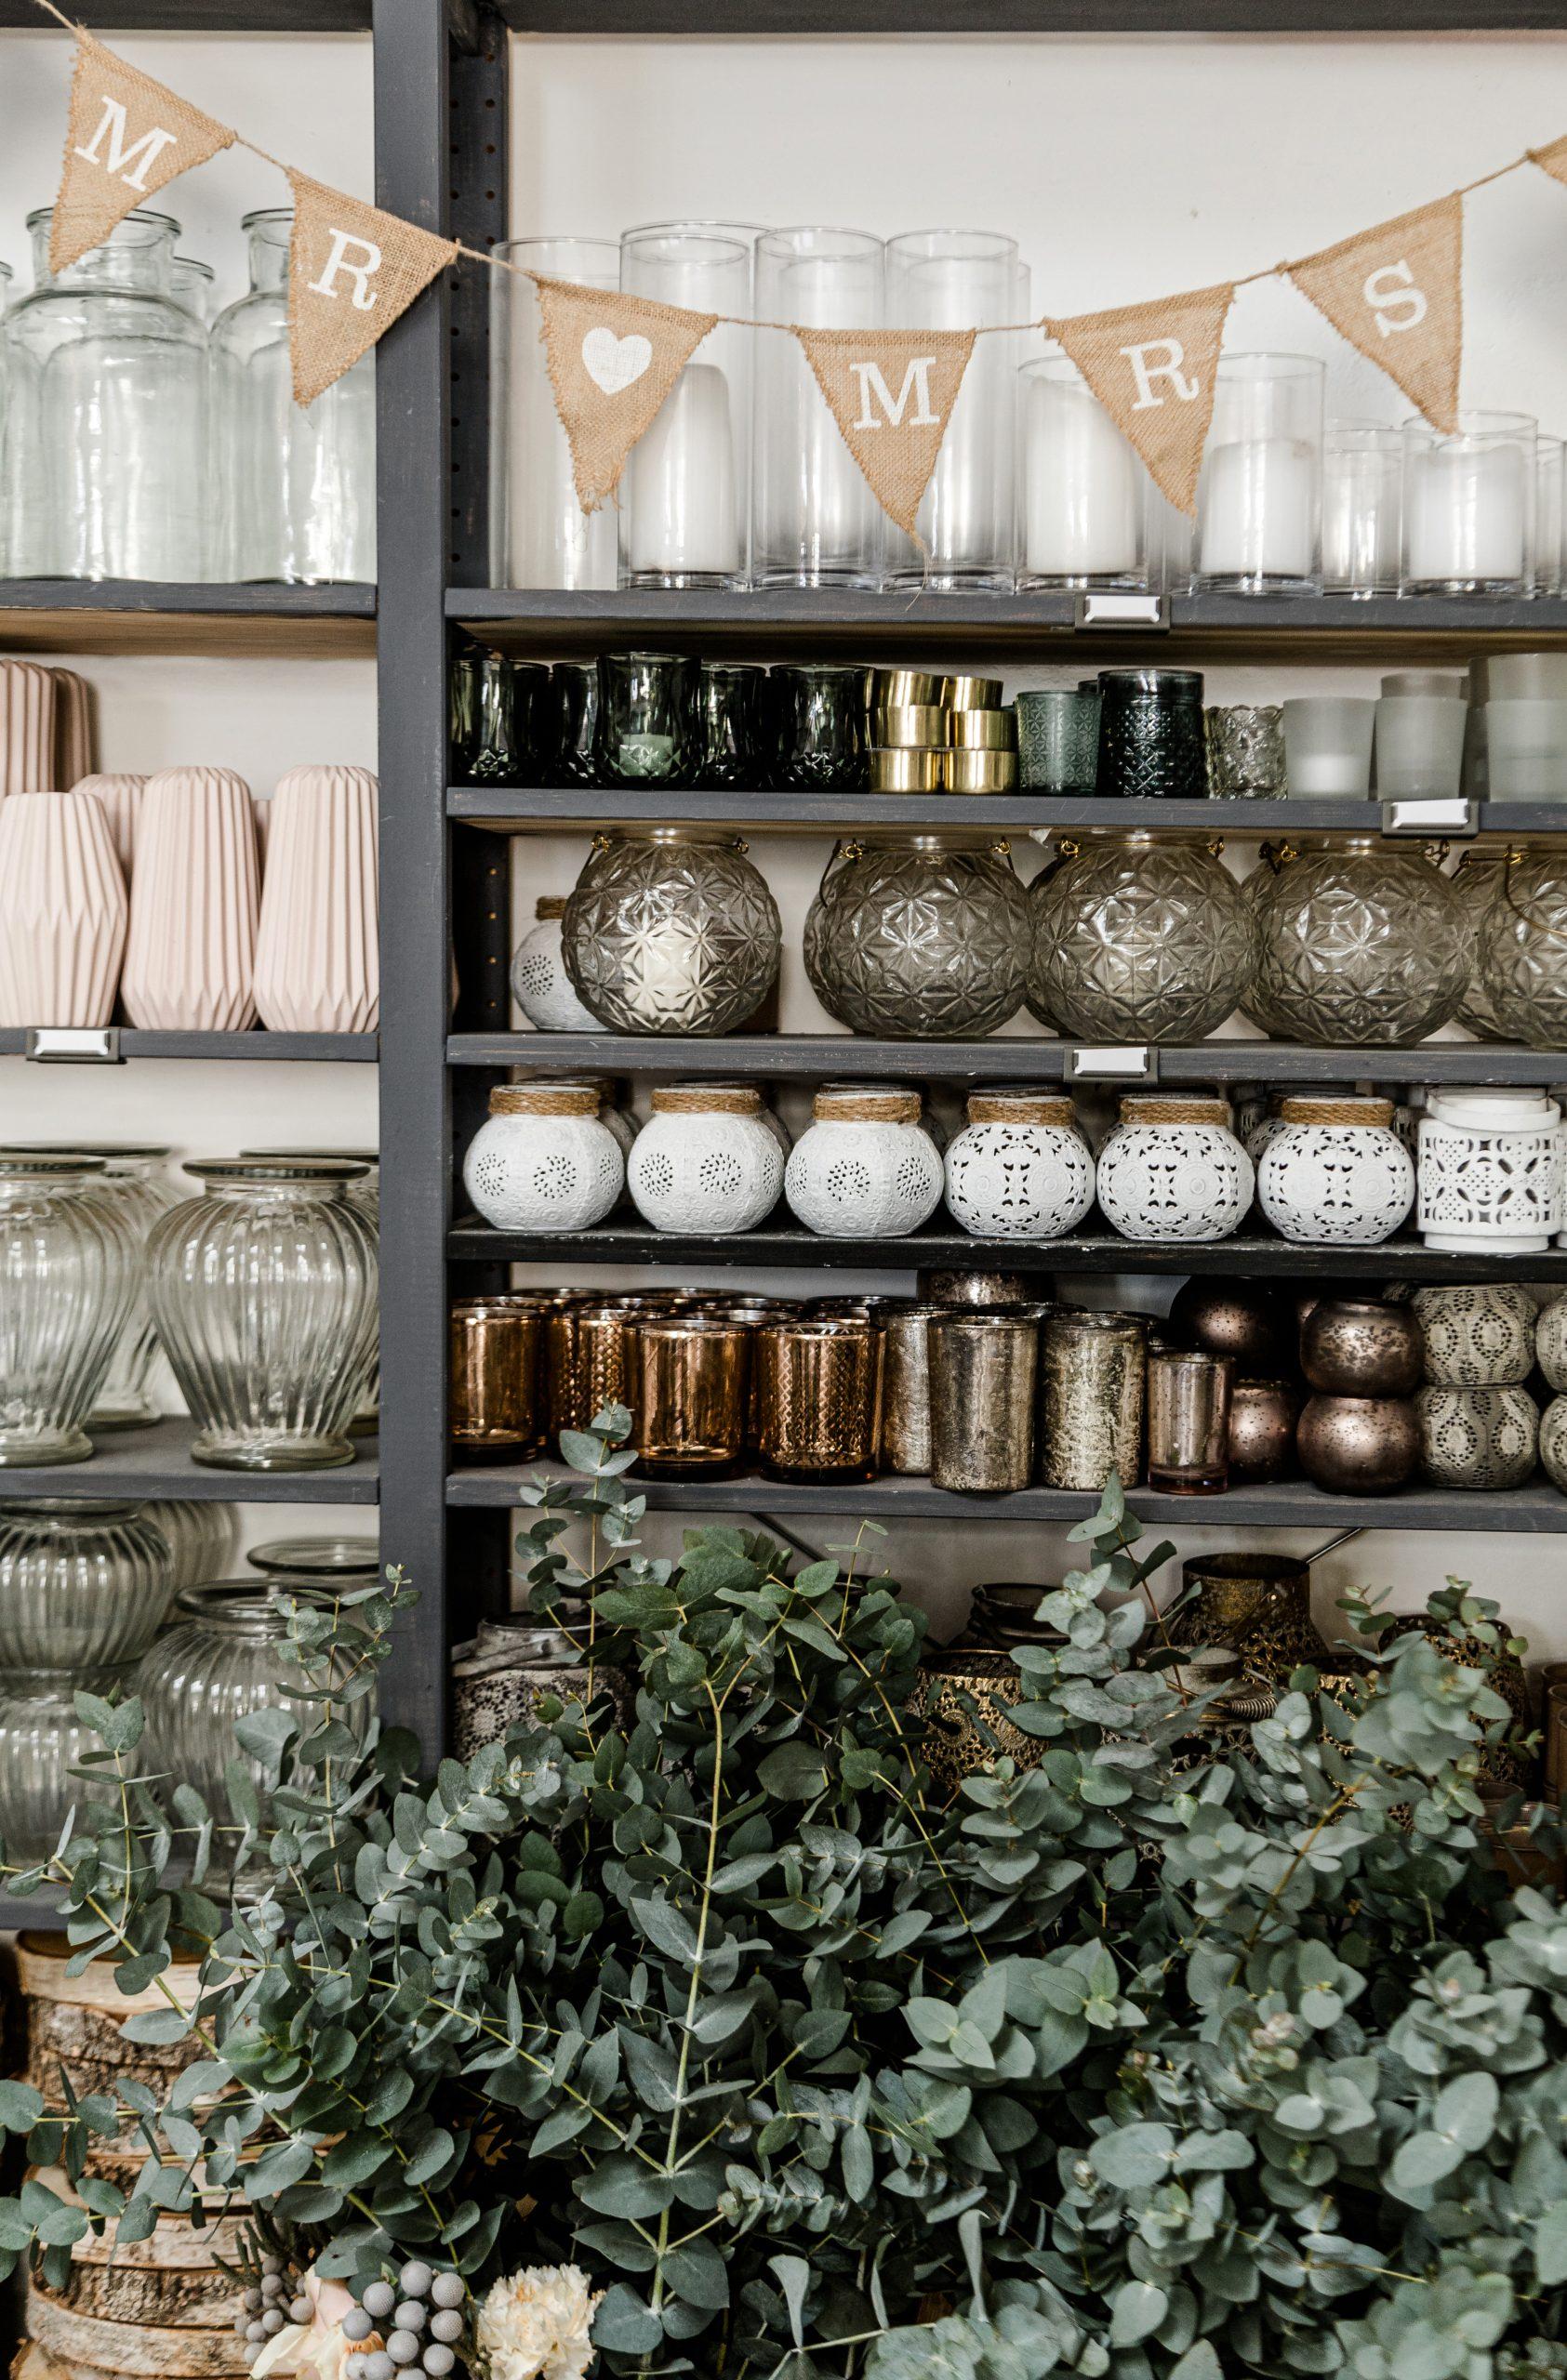 dekoration businessfotografie fotograf hochzeitsdekoration